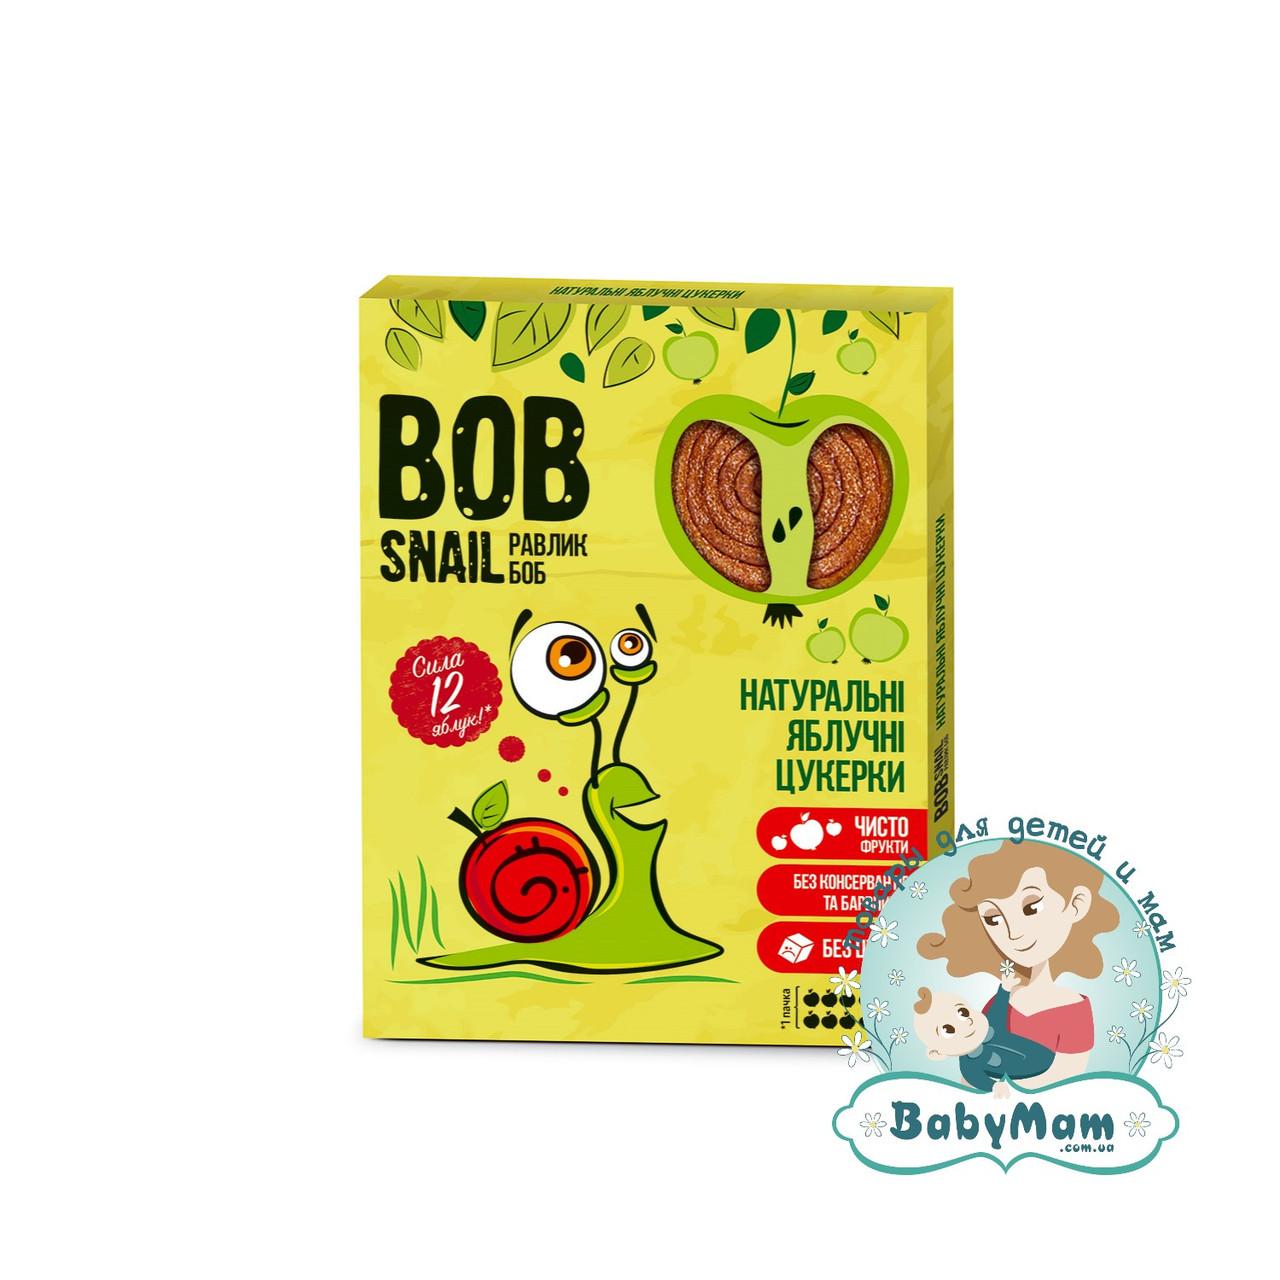 Конфеты натуральные Bob Snail (Равлик Боб) Яблочные, 120гр